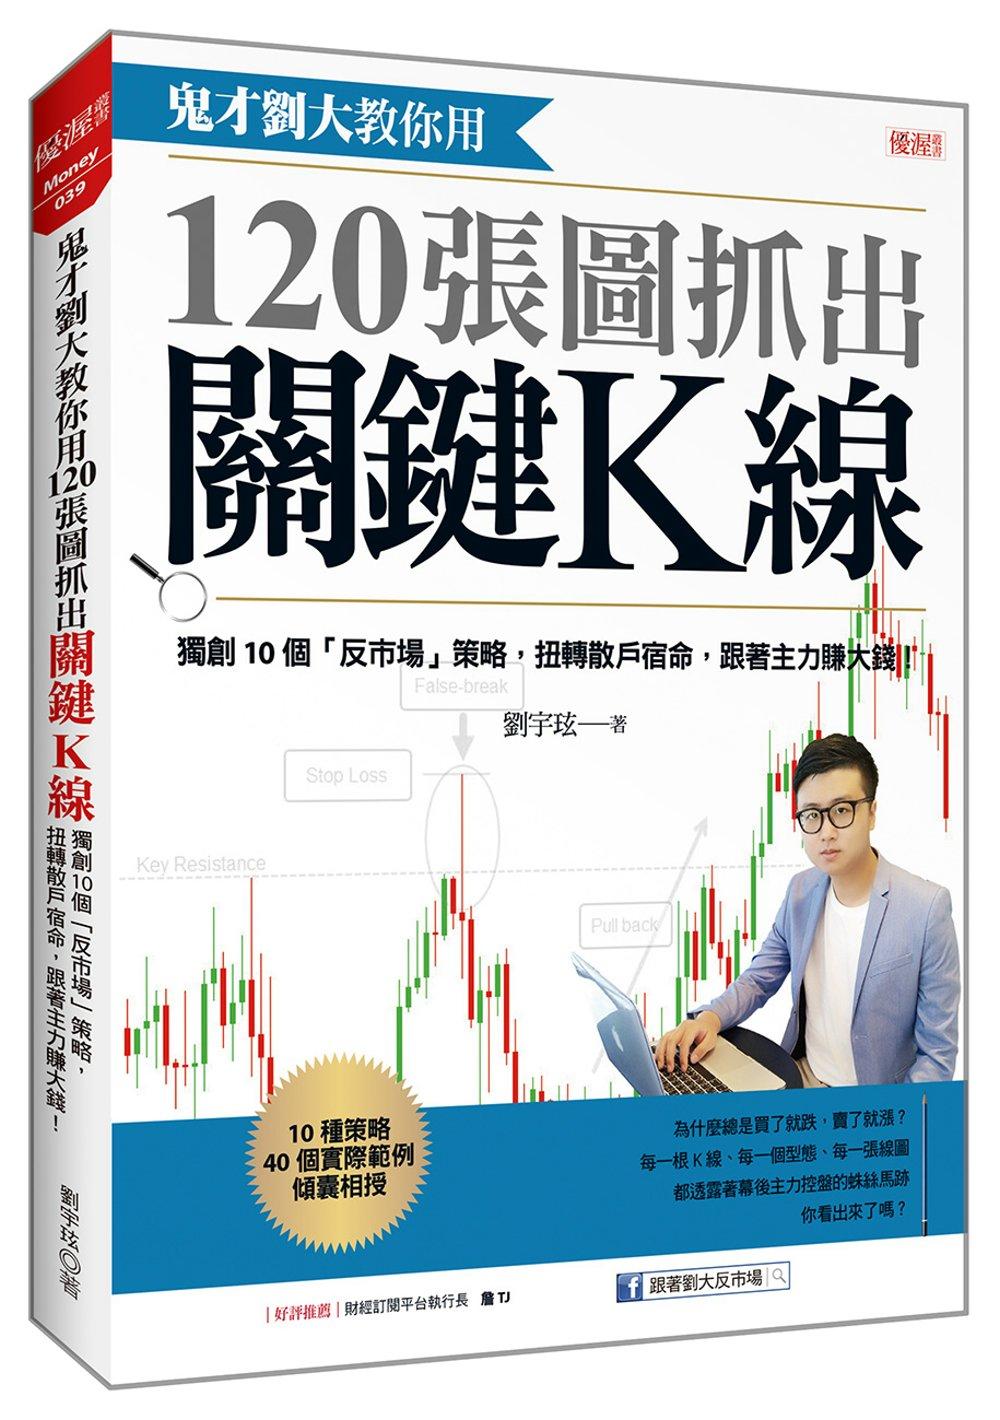 鬼才劉大教你用120張圖抓出關鍵K線:獨創10個「反市場」策略,扭轉散戶宿命,跟著主力賺大錢!